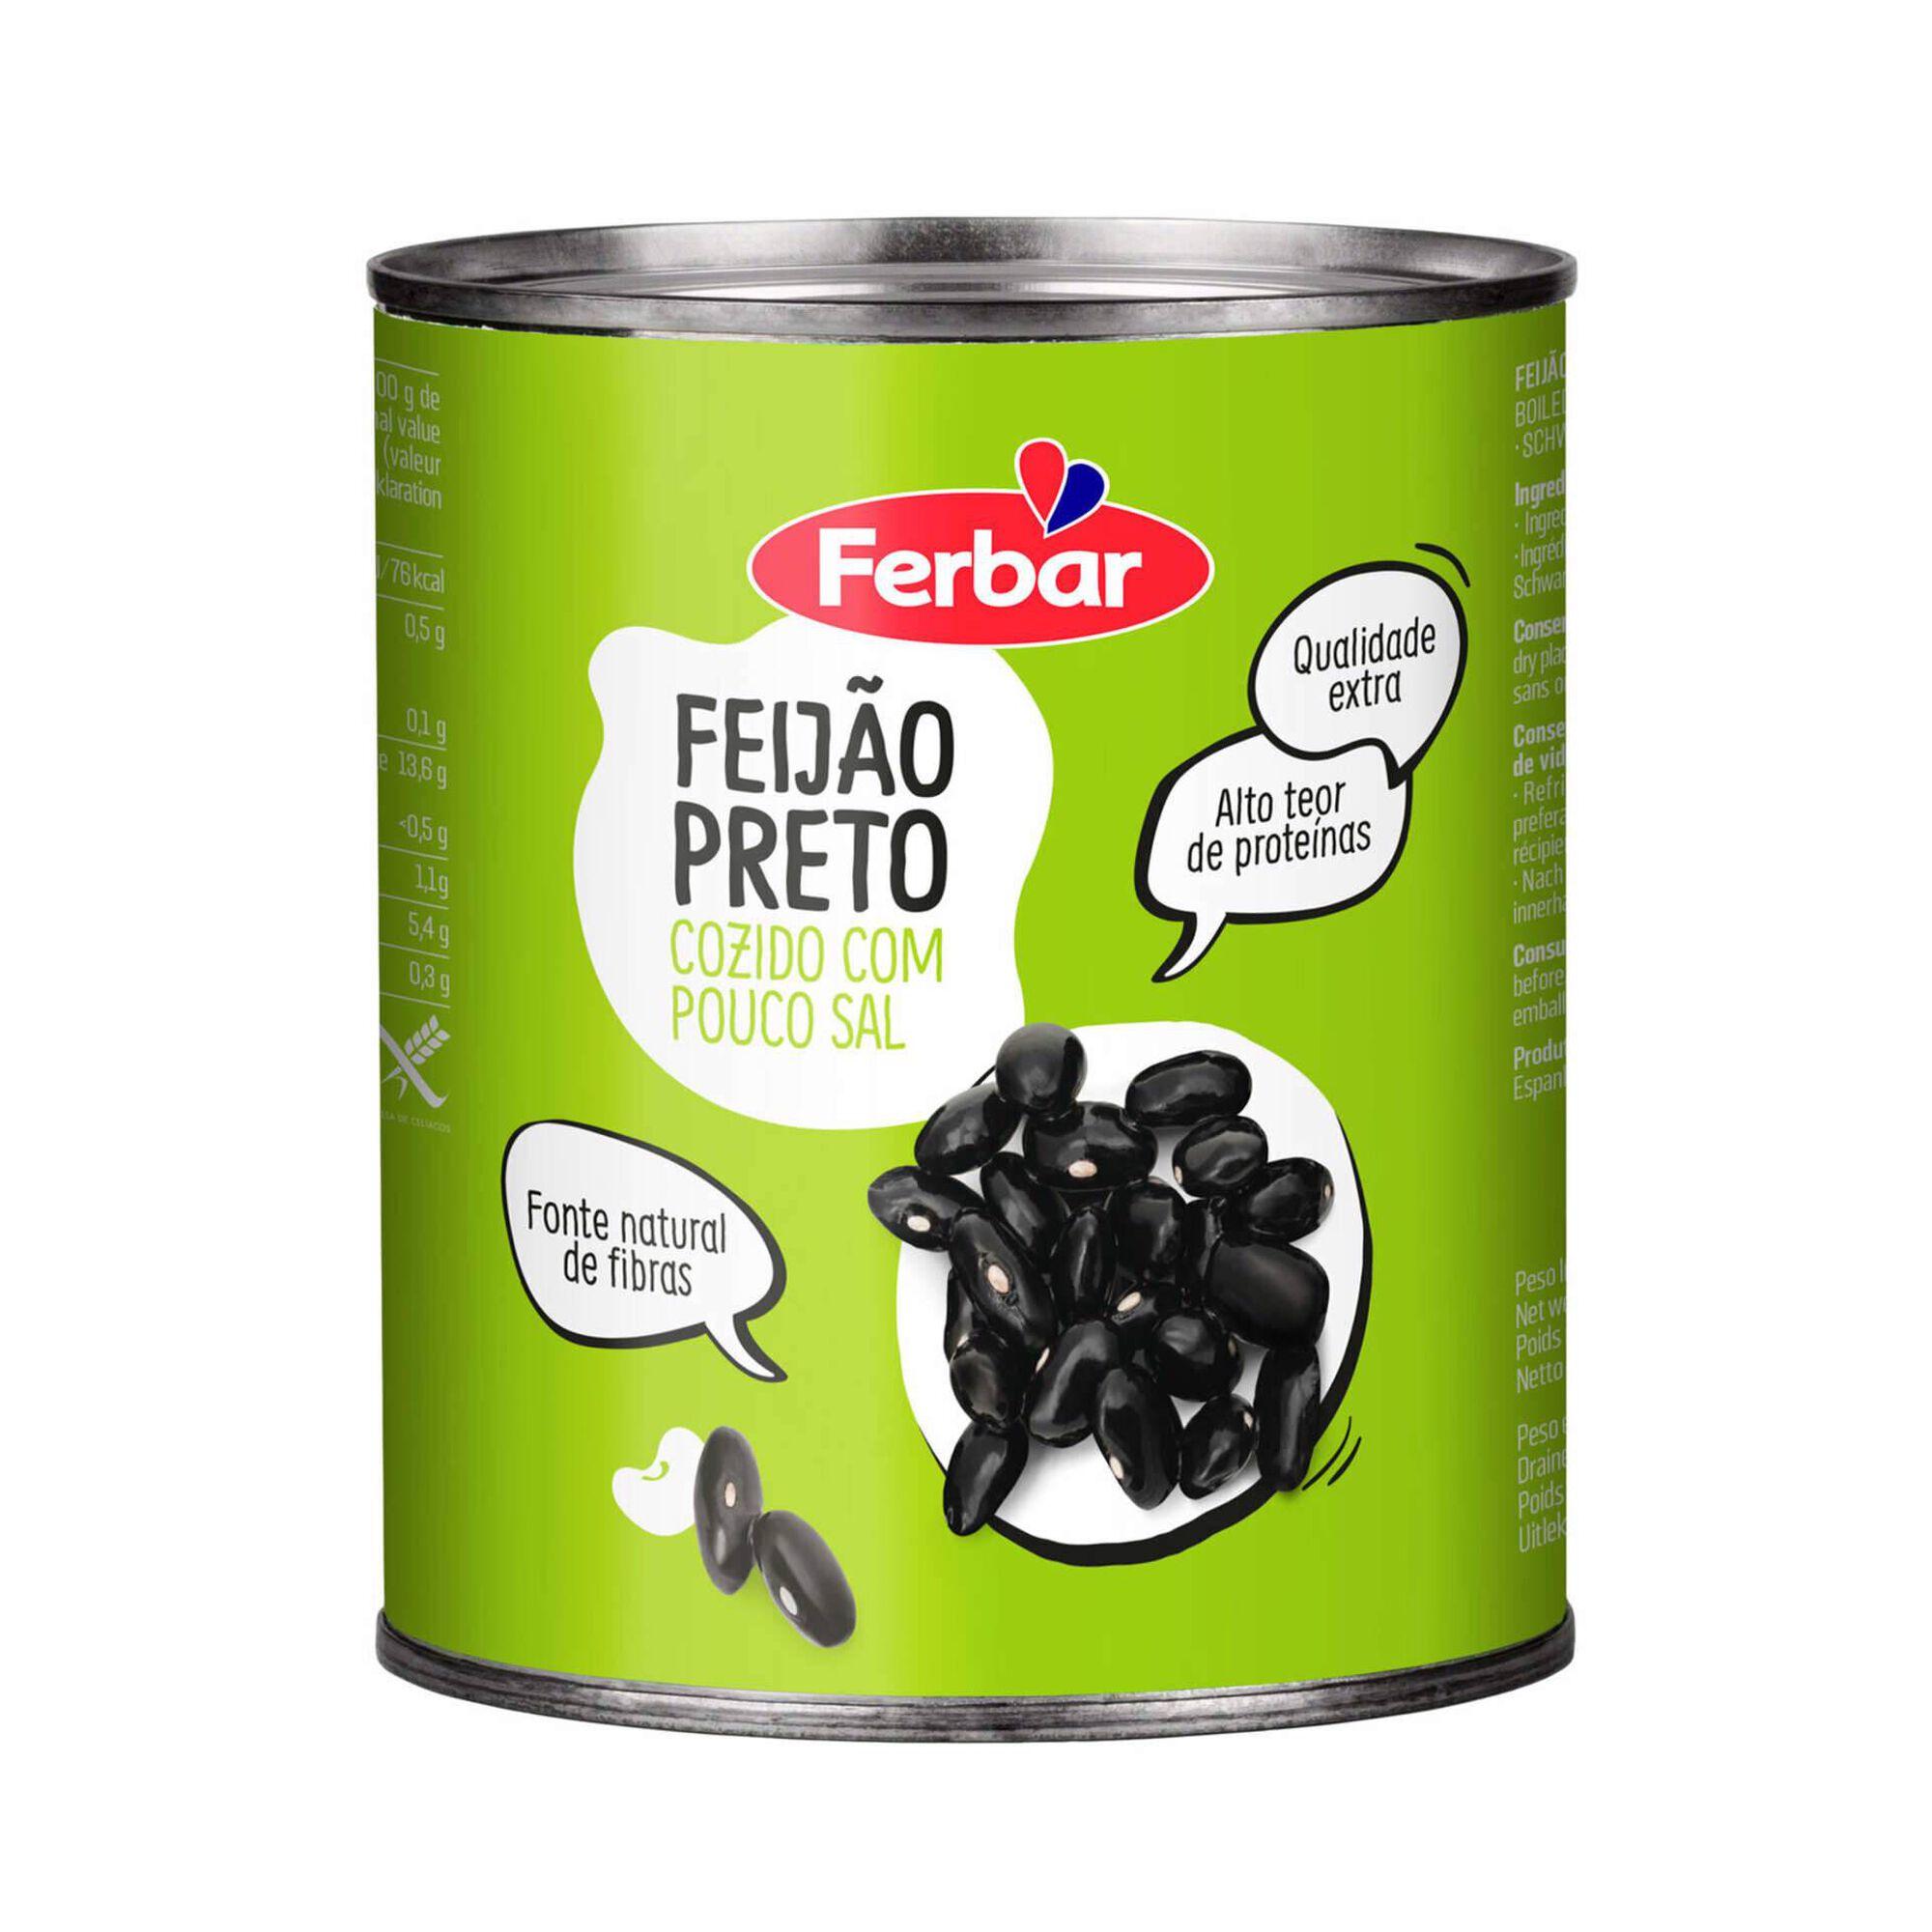 Feijão Preto Cozido